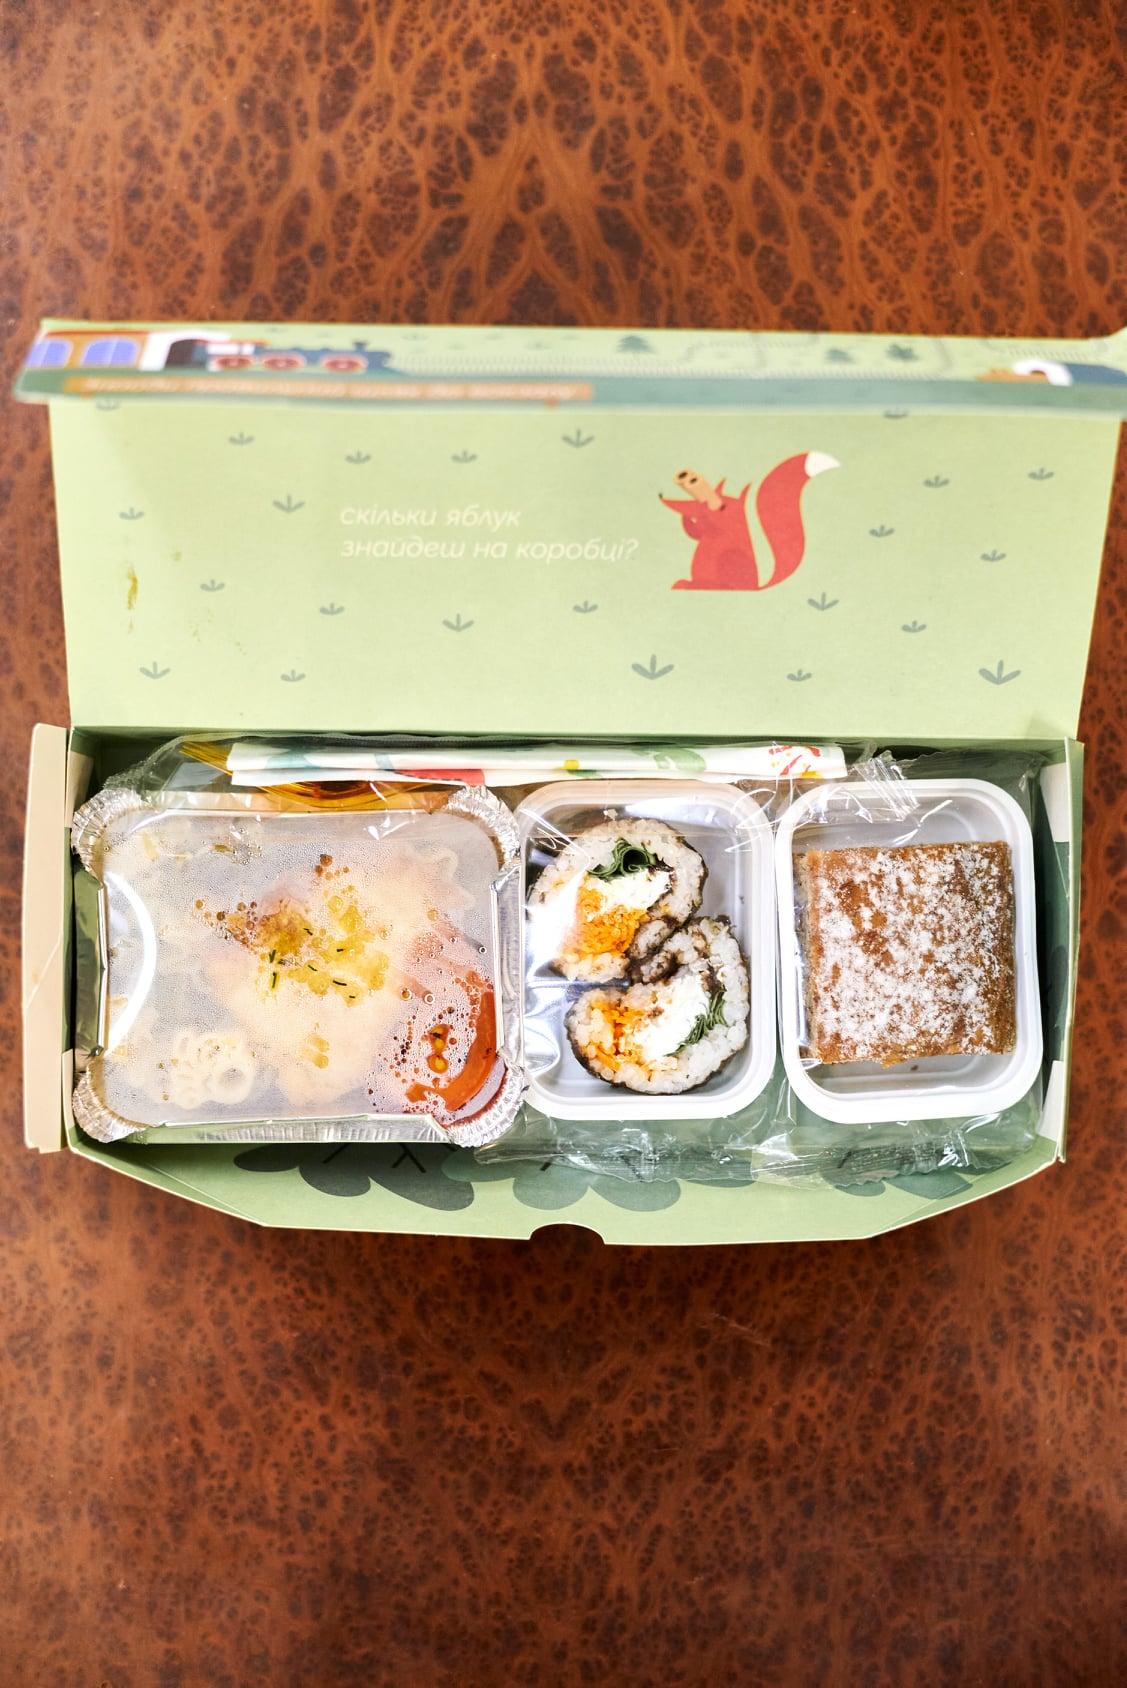 Укрзализныця готовит новшества в меню для детей и взрослых: какие будут блюда (фото)